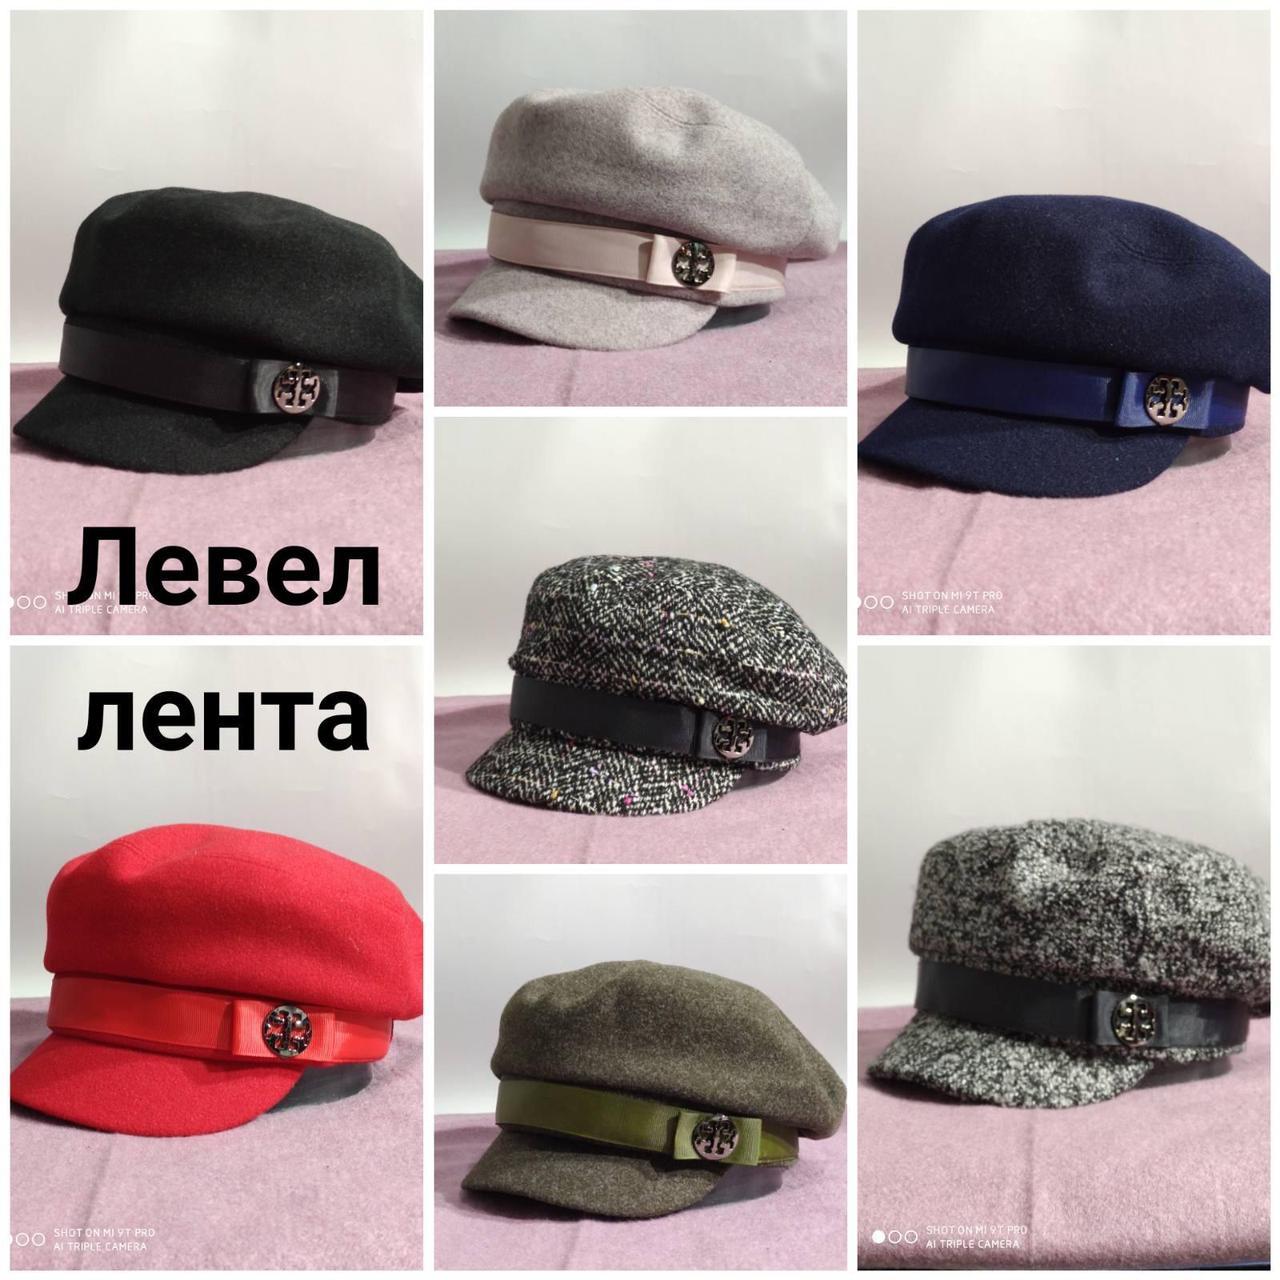 Женская кепка модель левел лента с украшением из драпа разные цвета